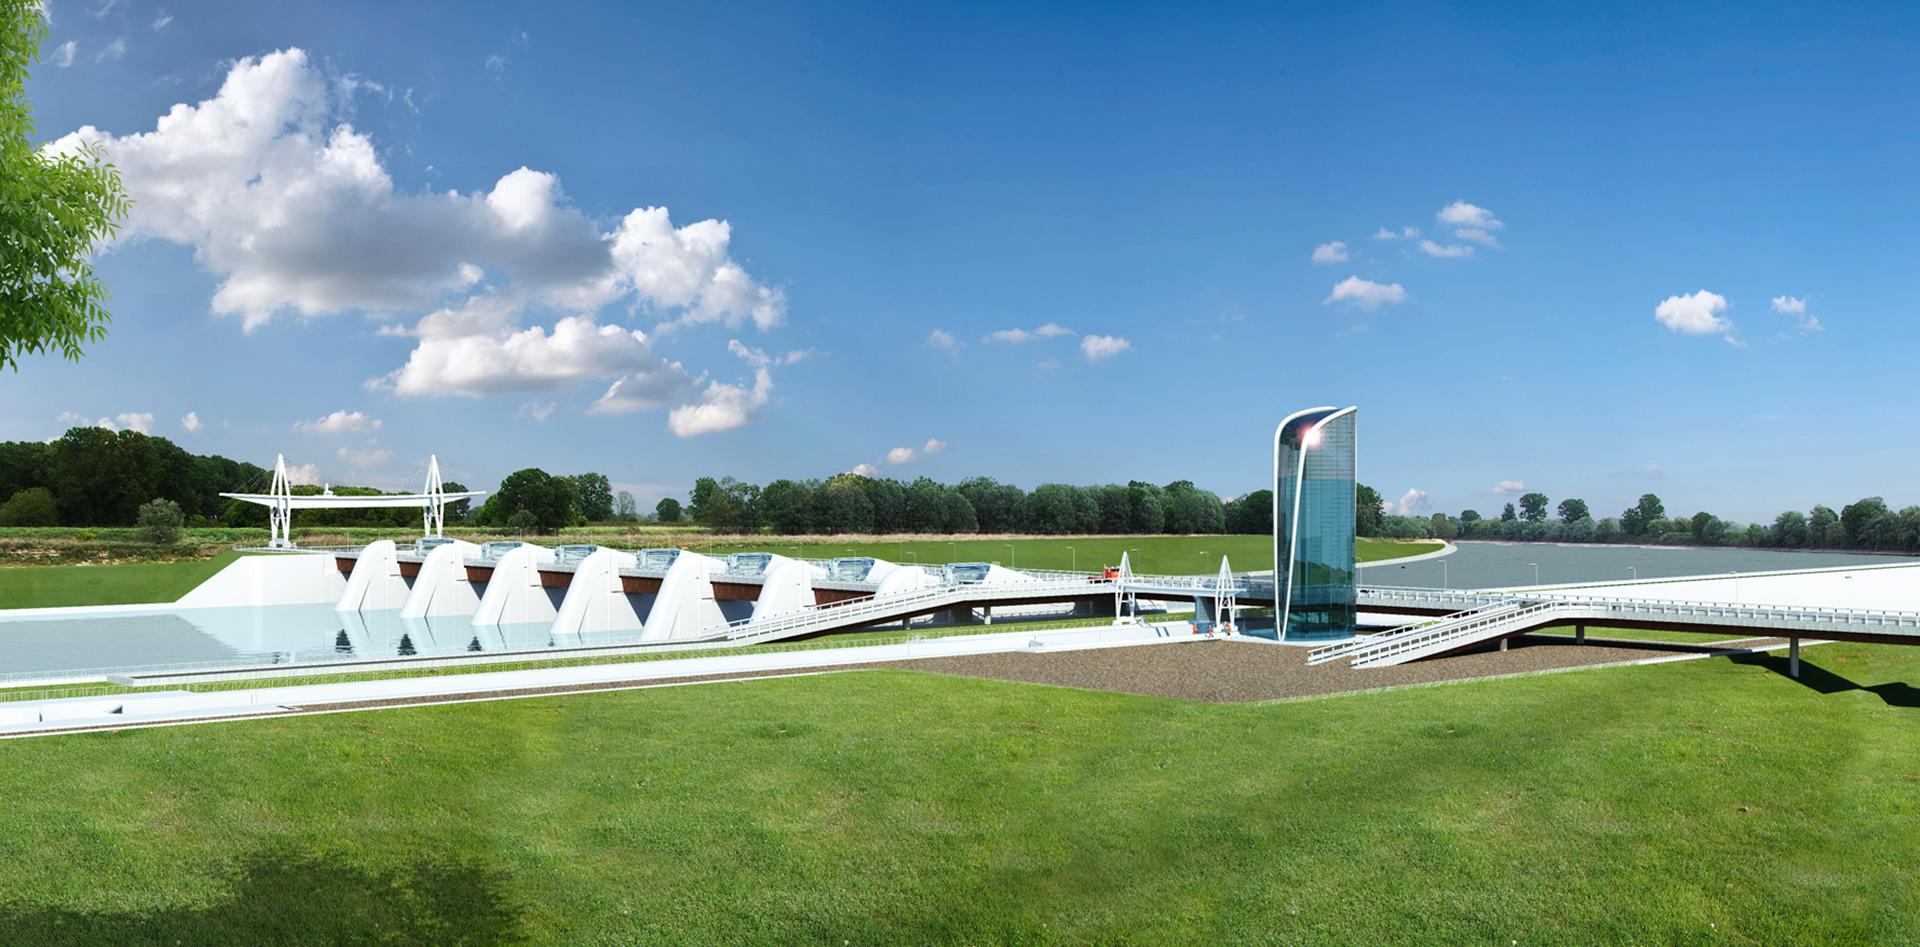 Sistema idroviario del Po, Binini Partners, Società di architettura e ingegneria